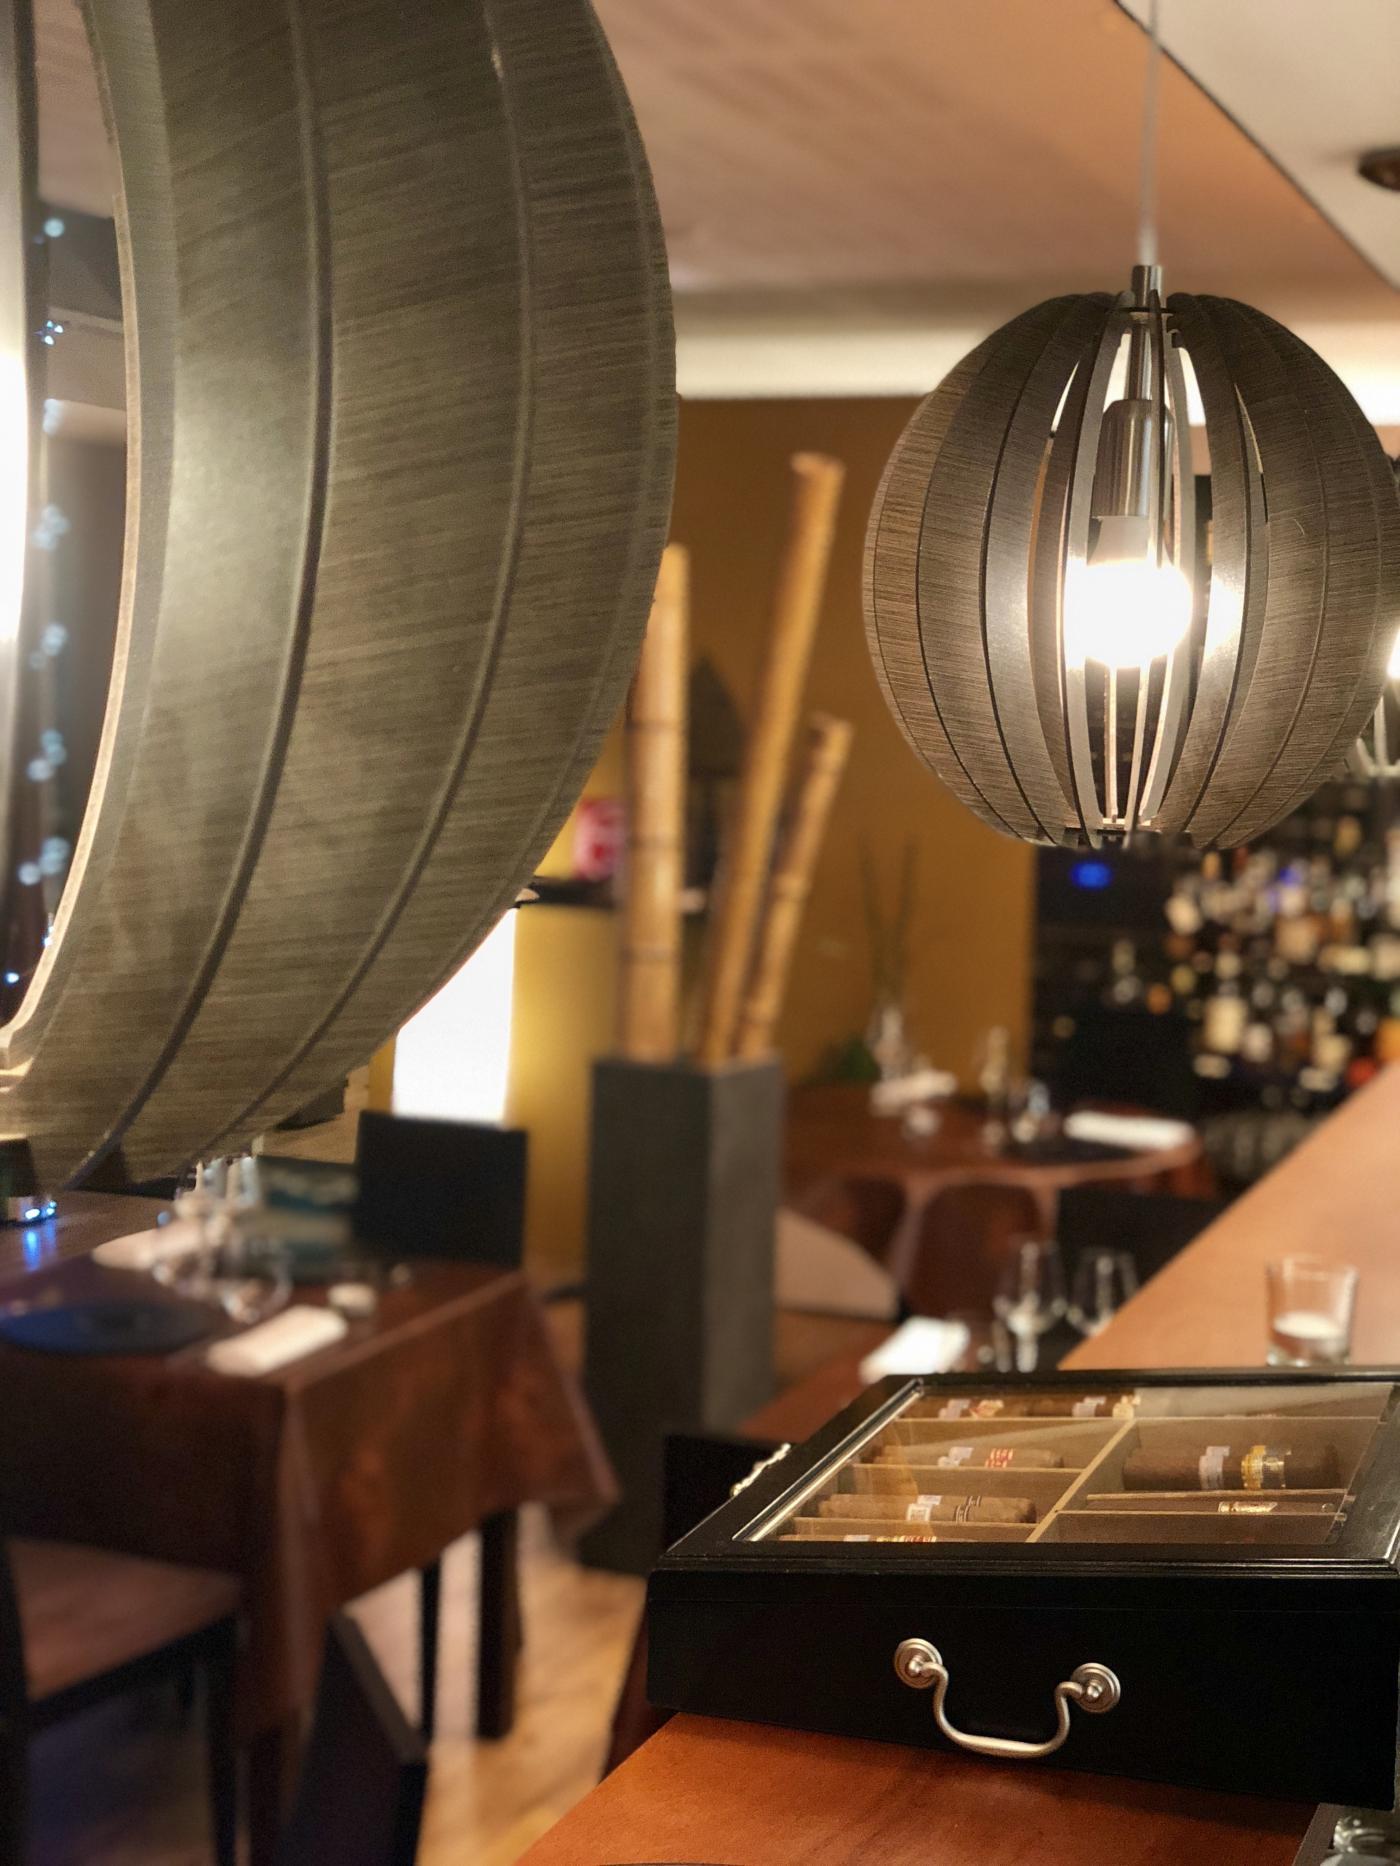 cibo-restaurant-au-luxembourg-un-endroit-chaleureux-et-moderne